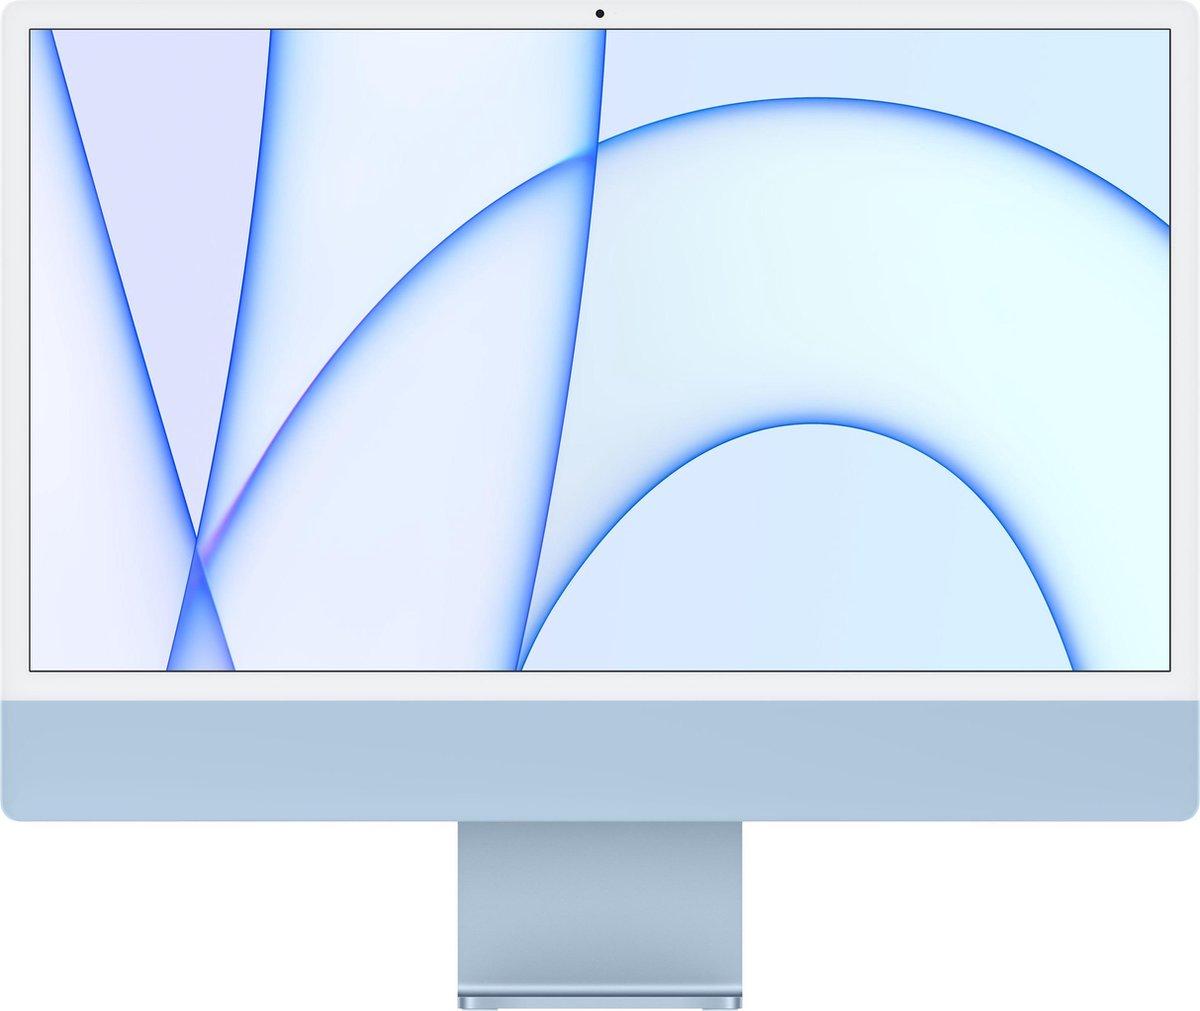 """Apple iMac 61 cm (24"""") 4480 x 2520 Pixels Apple M 8 GB 512 GB SSD Alles-in-één-pc macOS Big Sur Wi-Fi 6 (802.11ax) Blauw"""